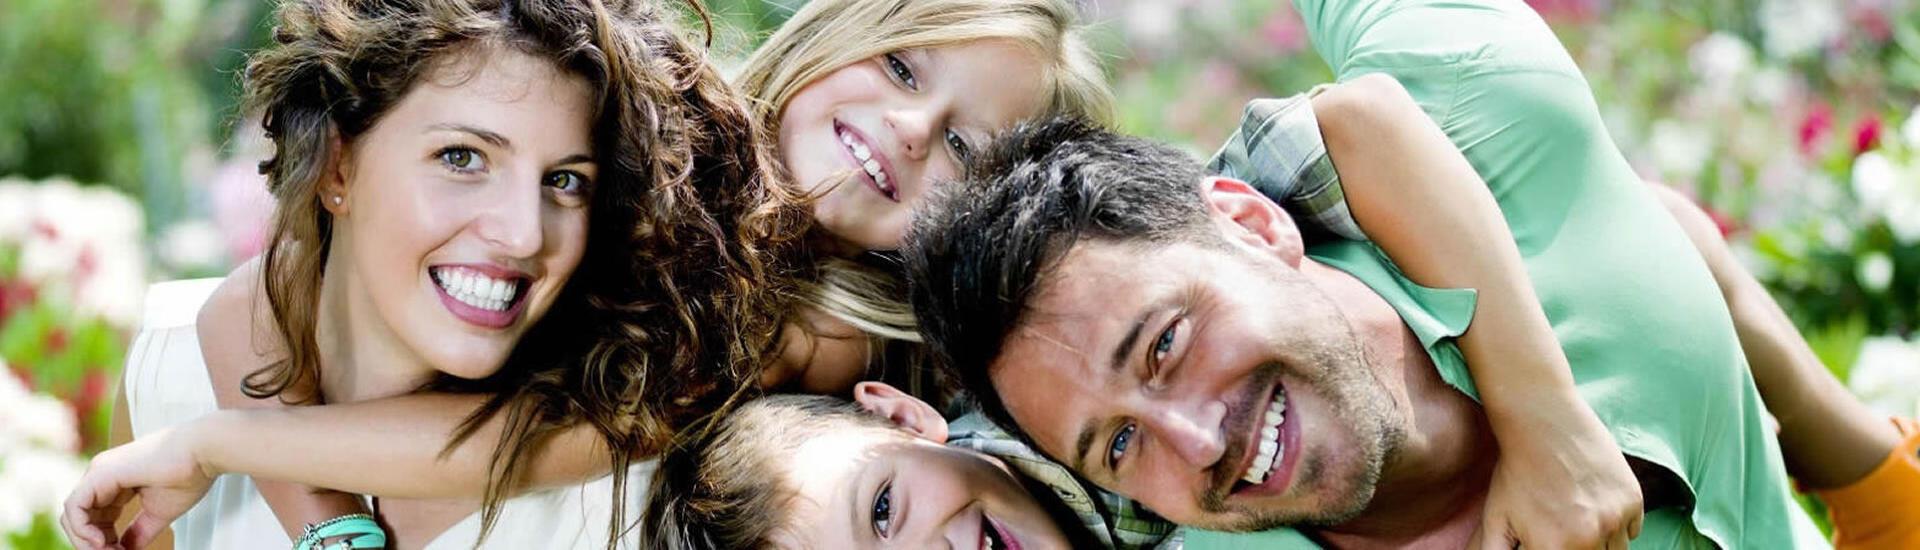 holidayfamilyvillage en central-lodge 011